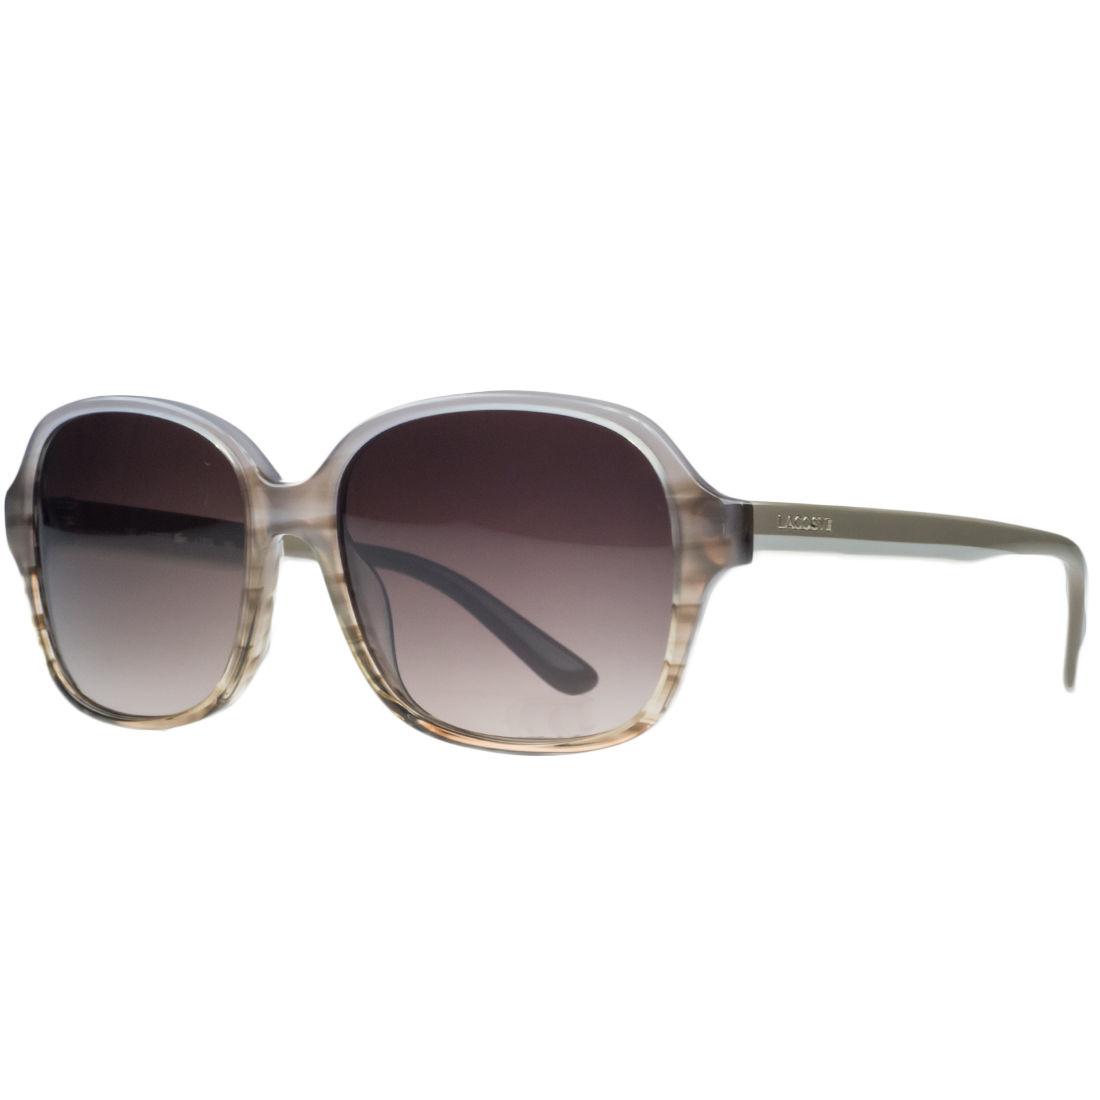 Lacoste L735/S 632 Beige Striped Square Sunglasses